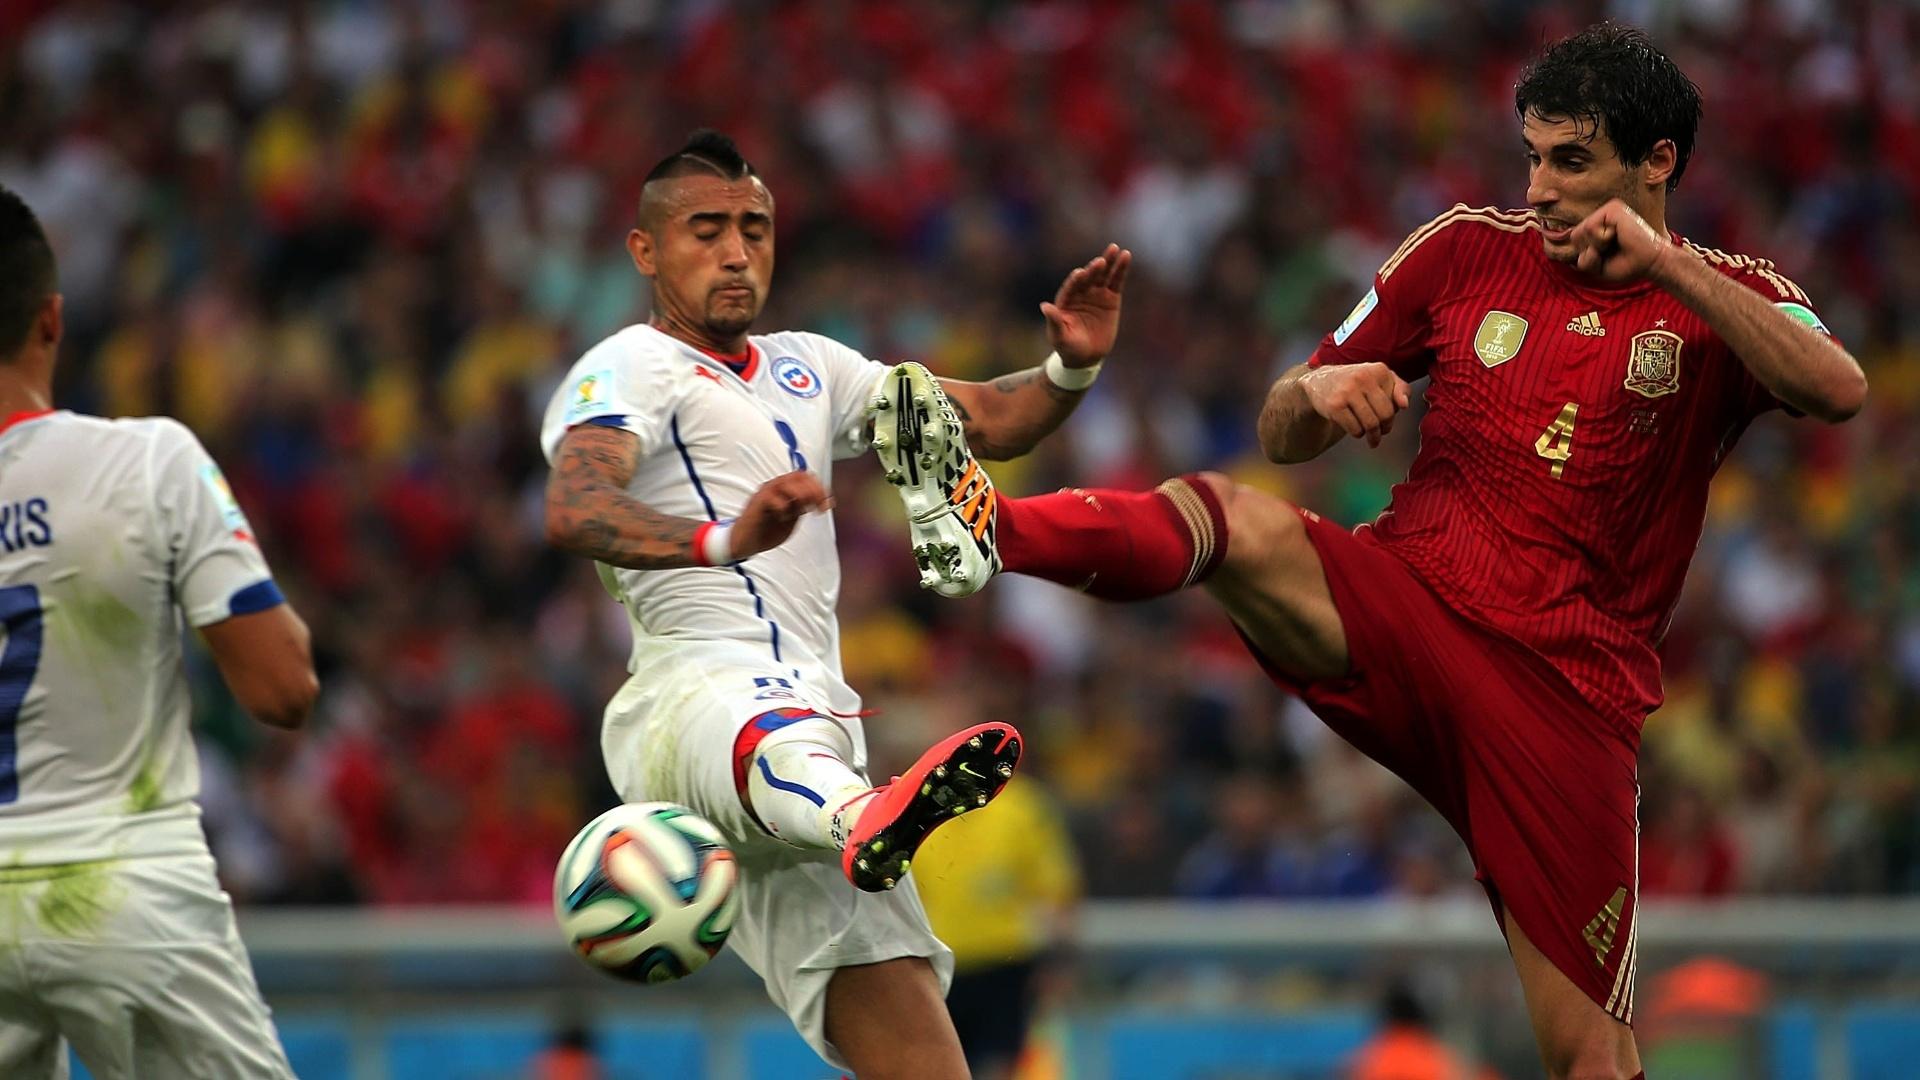 Chileno Vidal divide a bola com o espanhol Javi Martínez pela segunda rodada da Copa do Mundo